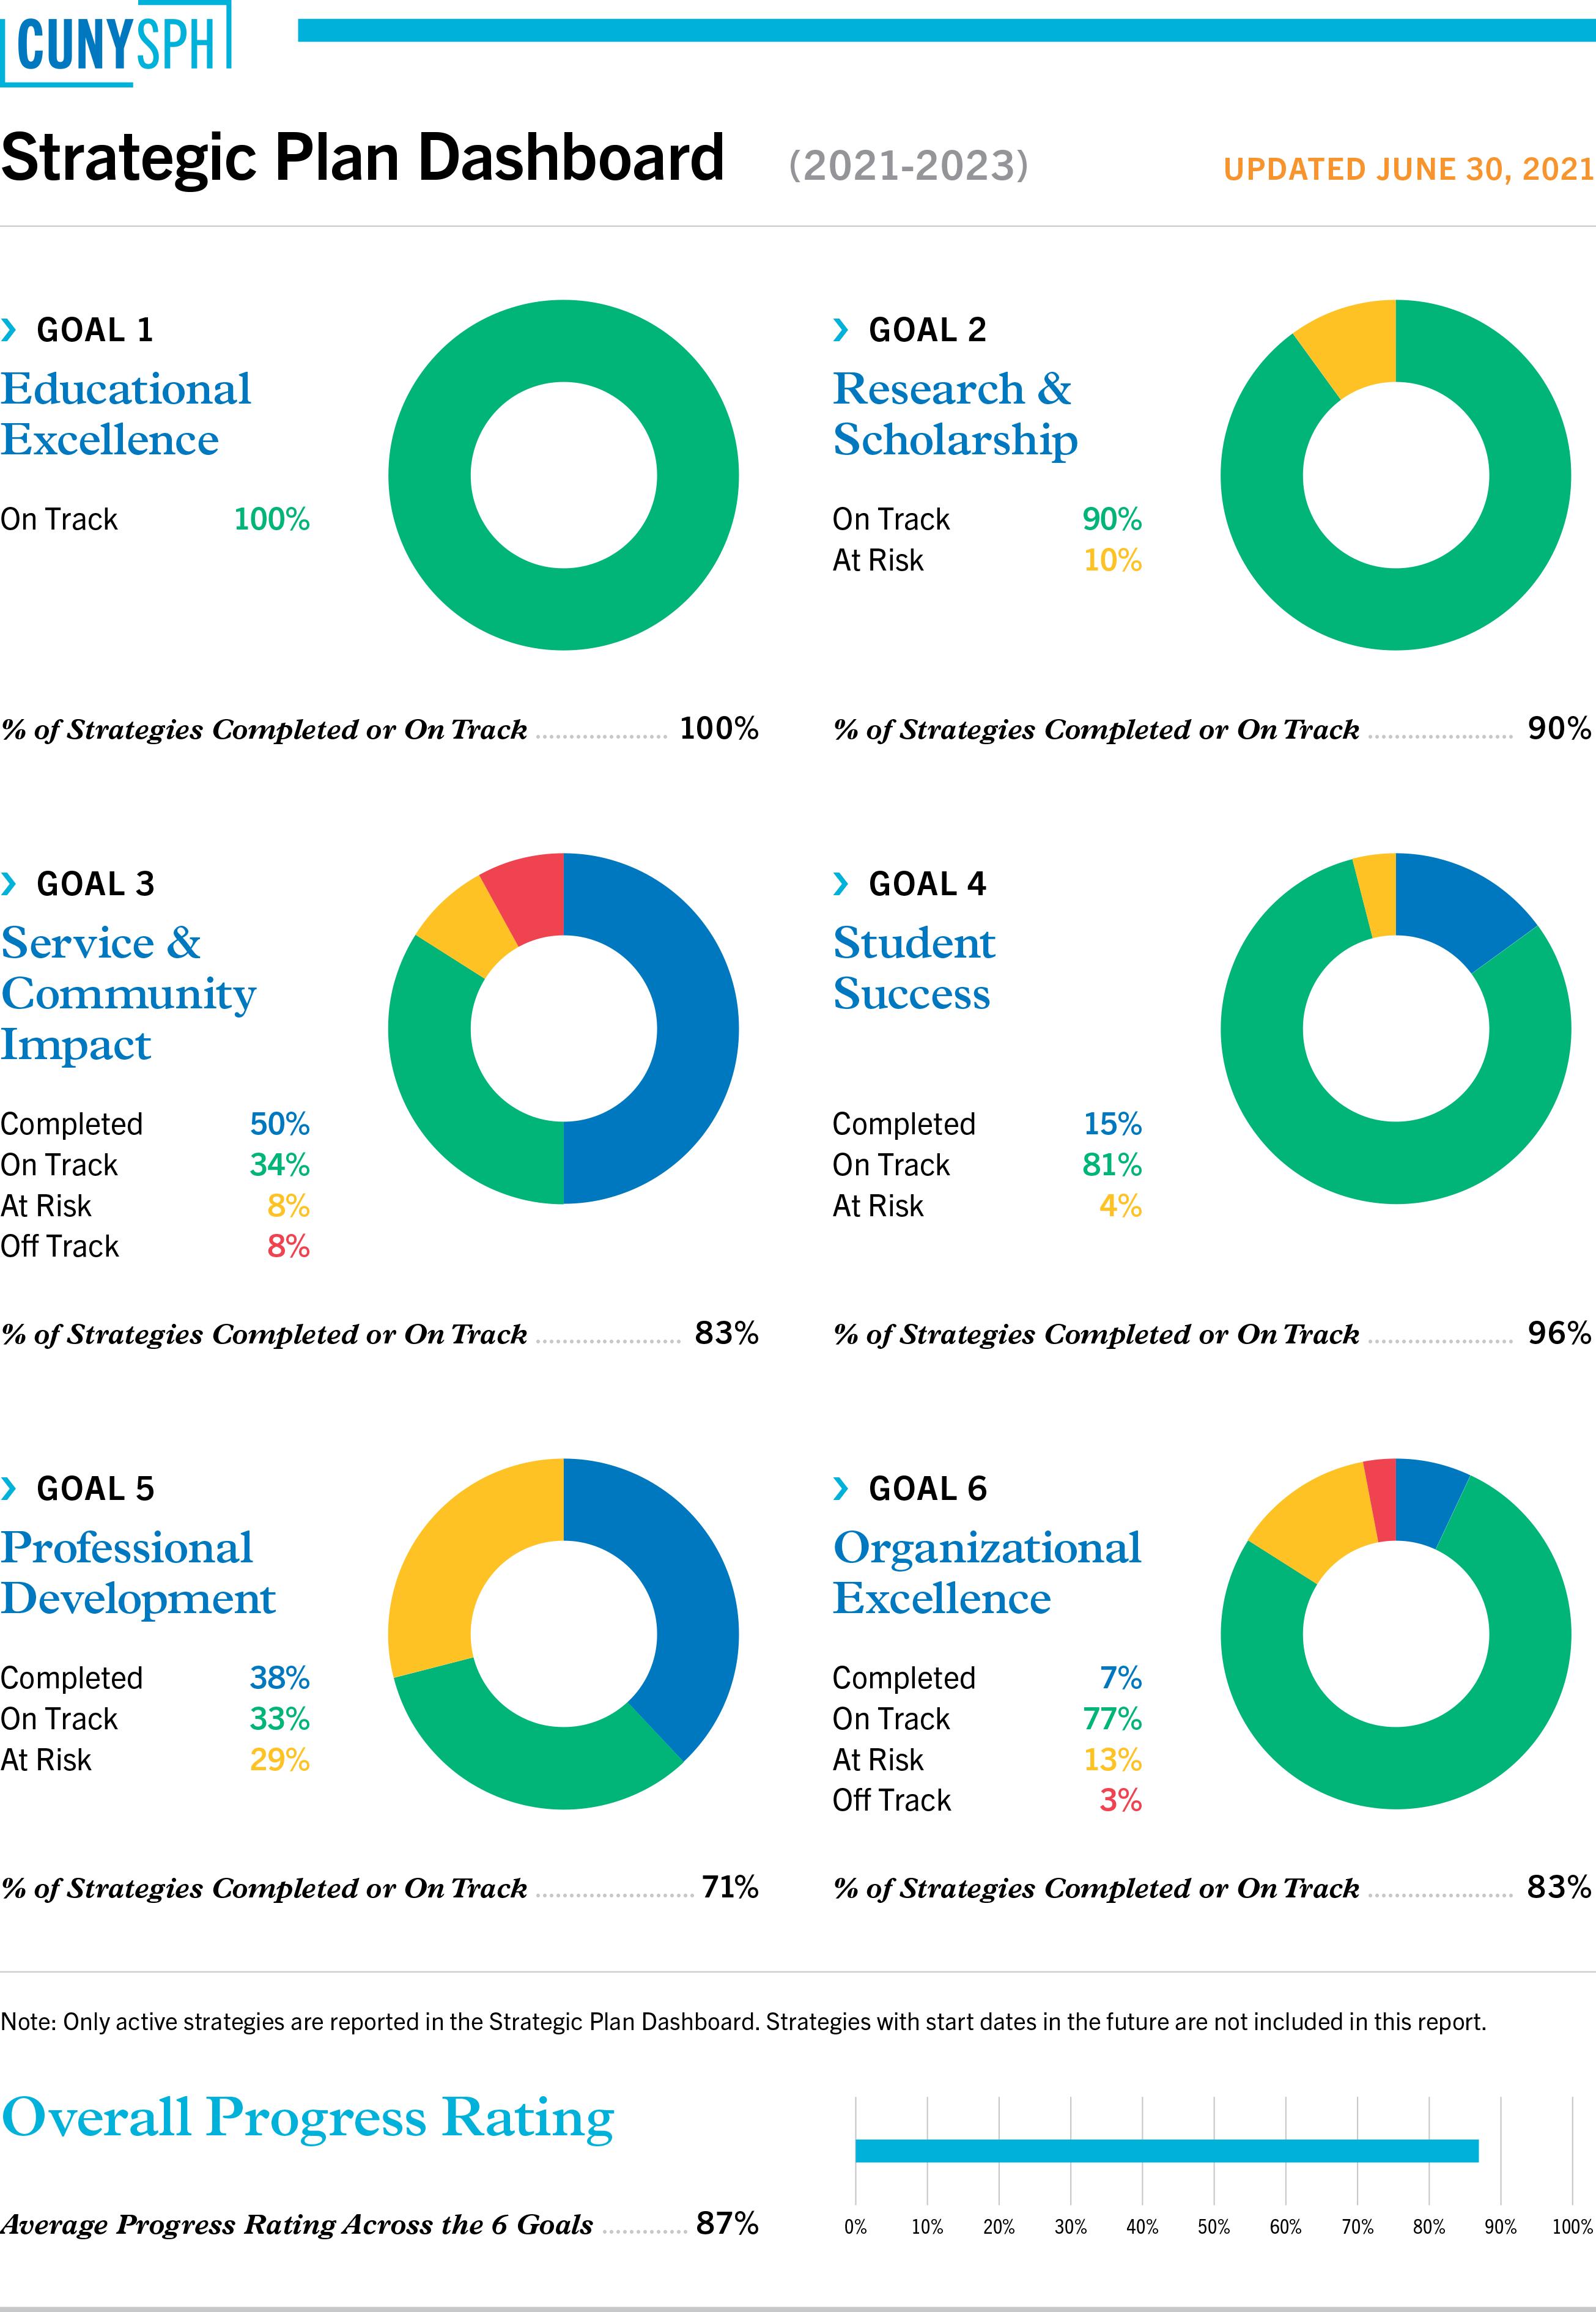 Strategic Framework dashboard snapshot from September 2021 update